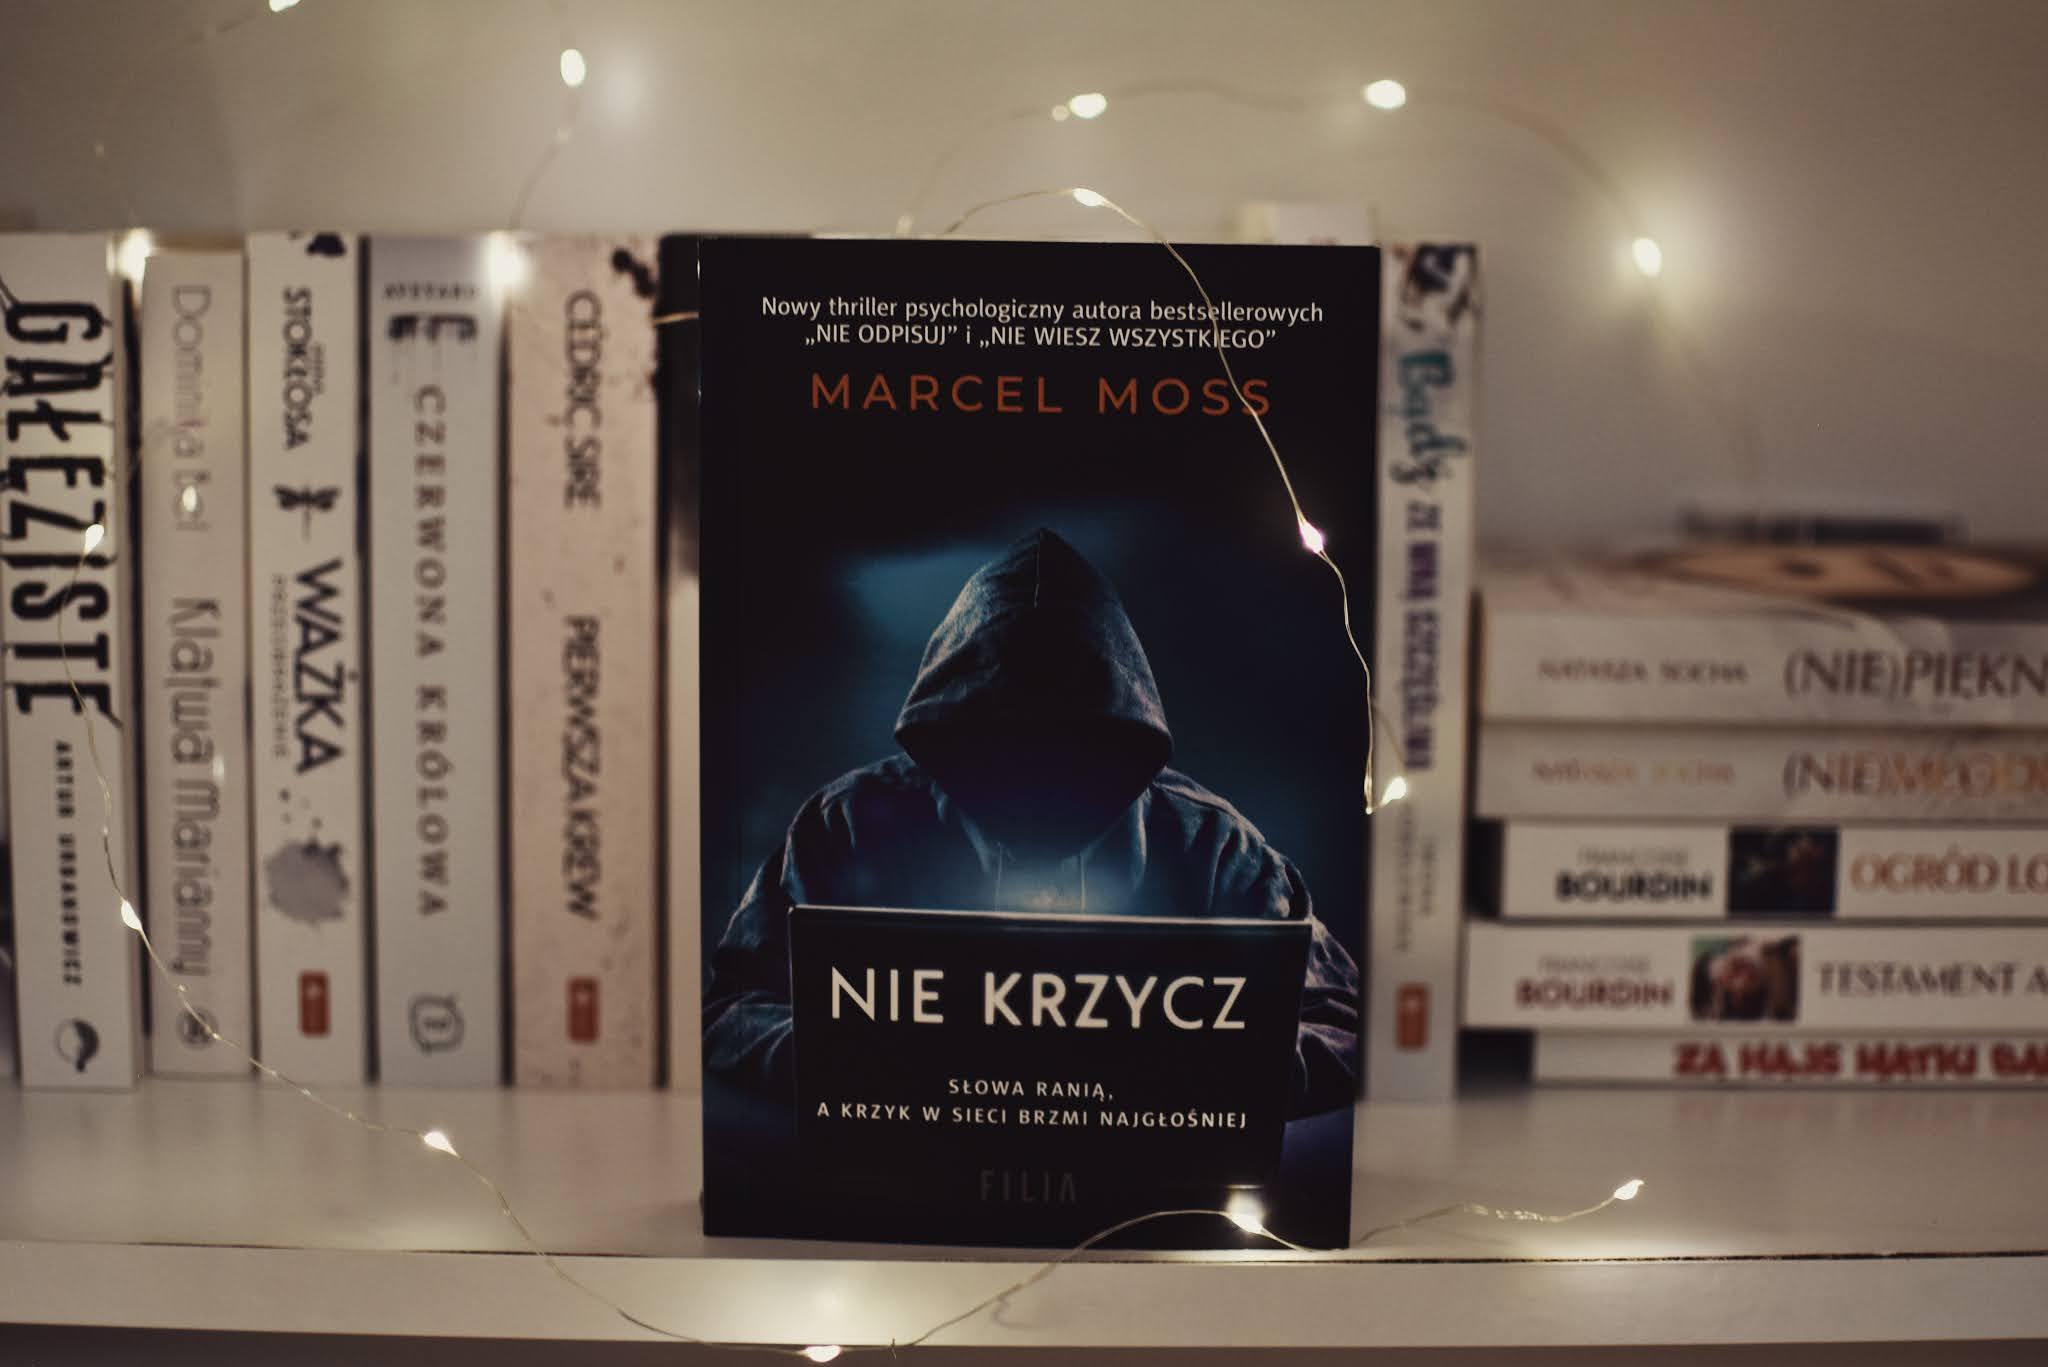 MarcelMoss,WydawnictwoFilia,Niekrzycz, TrylogiaHejterska,opowiadanie,recenzja,thriller,hejt, internet,przemoc,przemocpsychiczna,